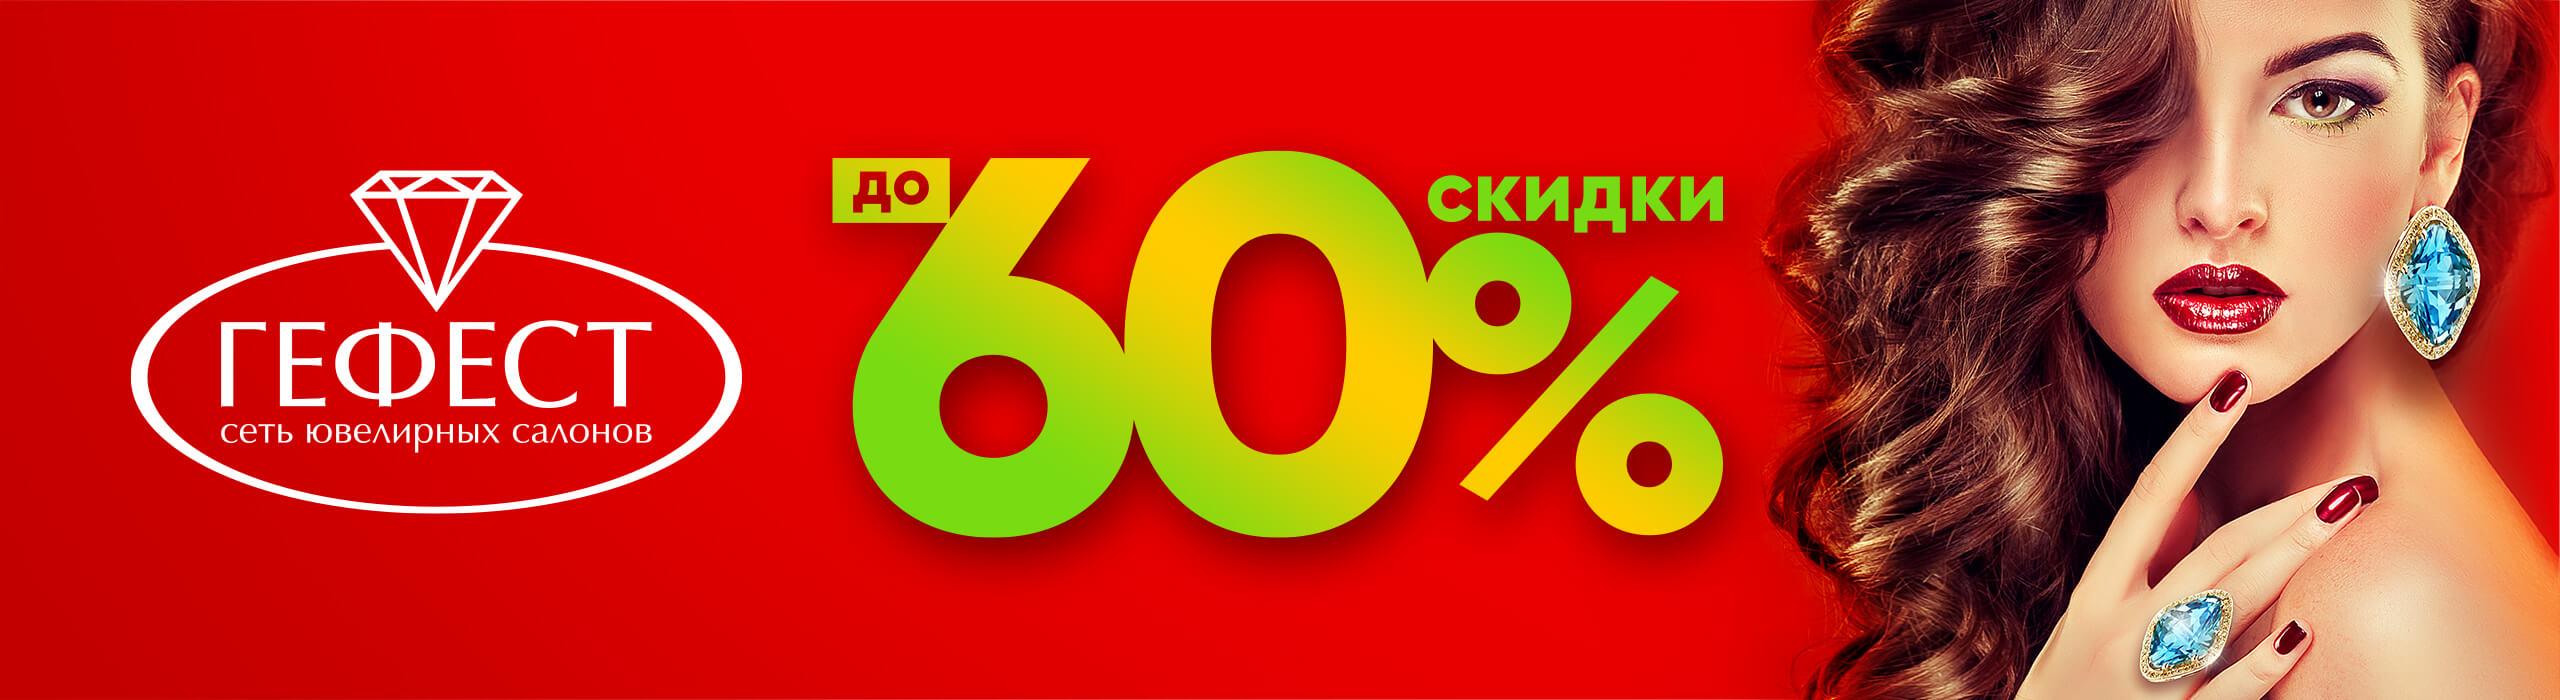 Скидки до 60%